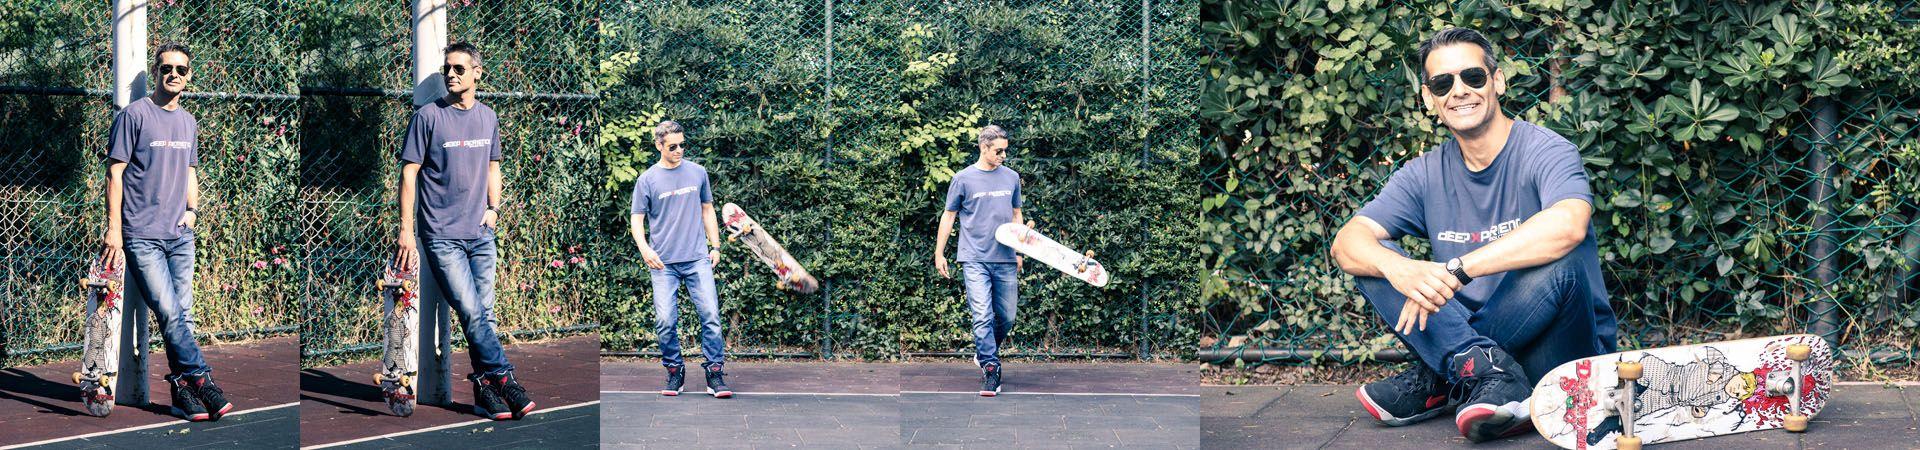 Mert Yücel skateboard kaykay